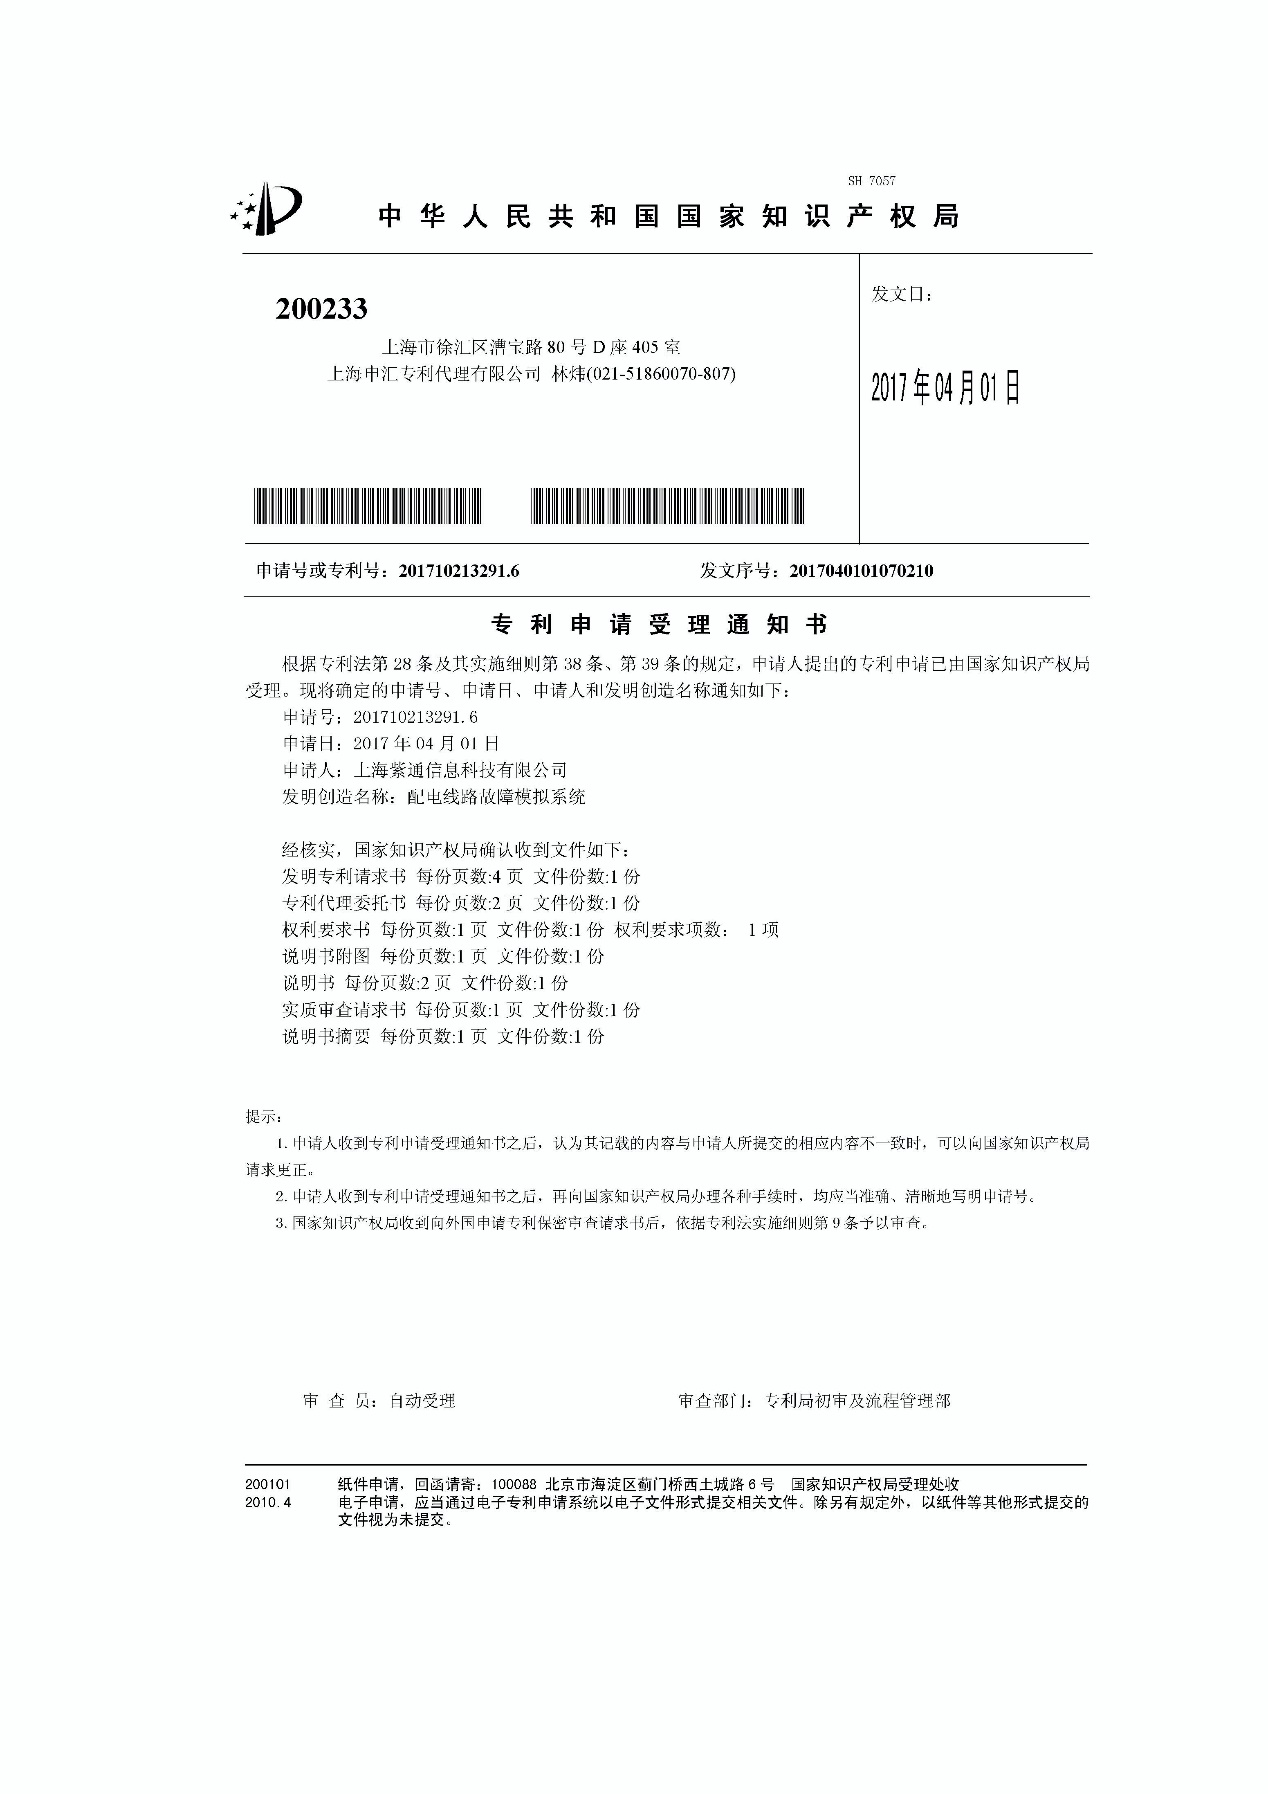 配电线路故障模拟系统发明专利受理通知书